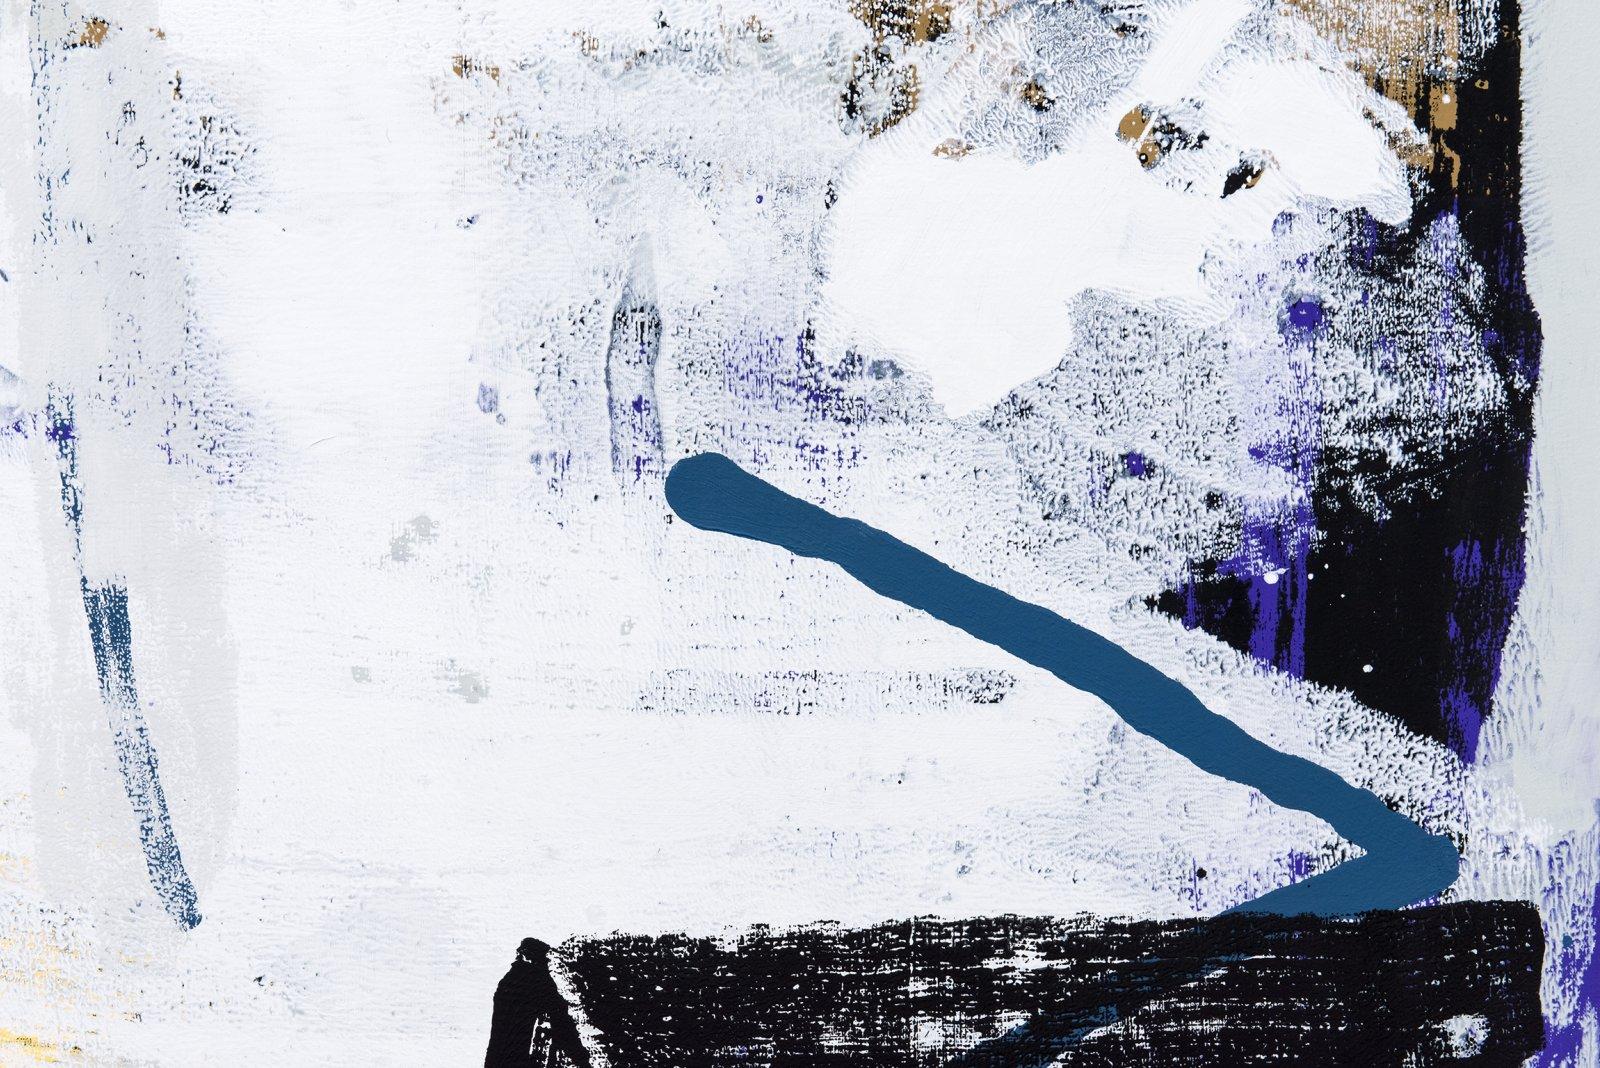 Damian Moppett, X (detail), 2016, oil on canvas, 84 x 74 in. (213 x 188 cm) by Damian Moppett